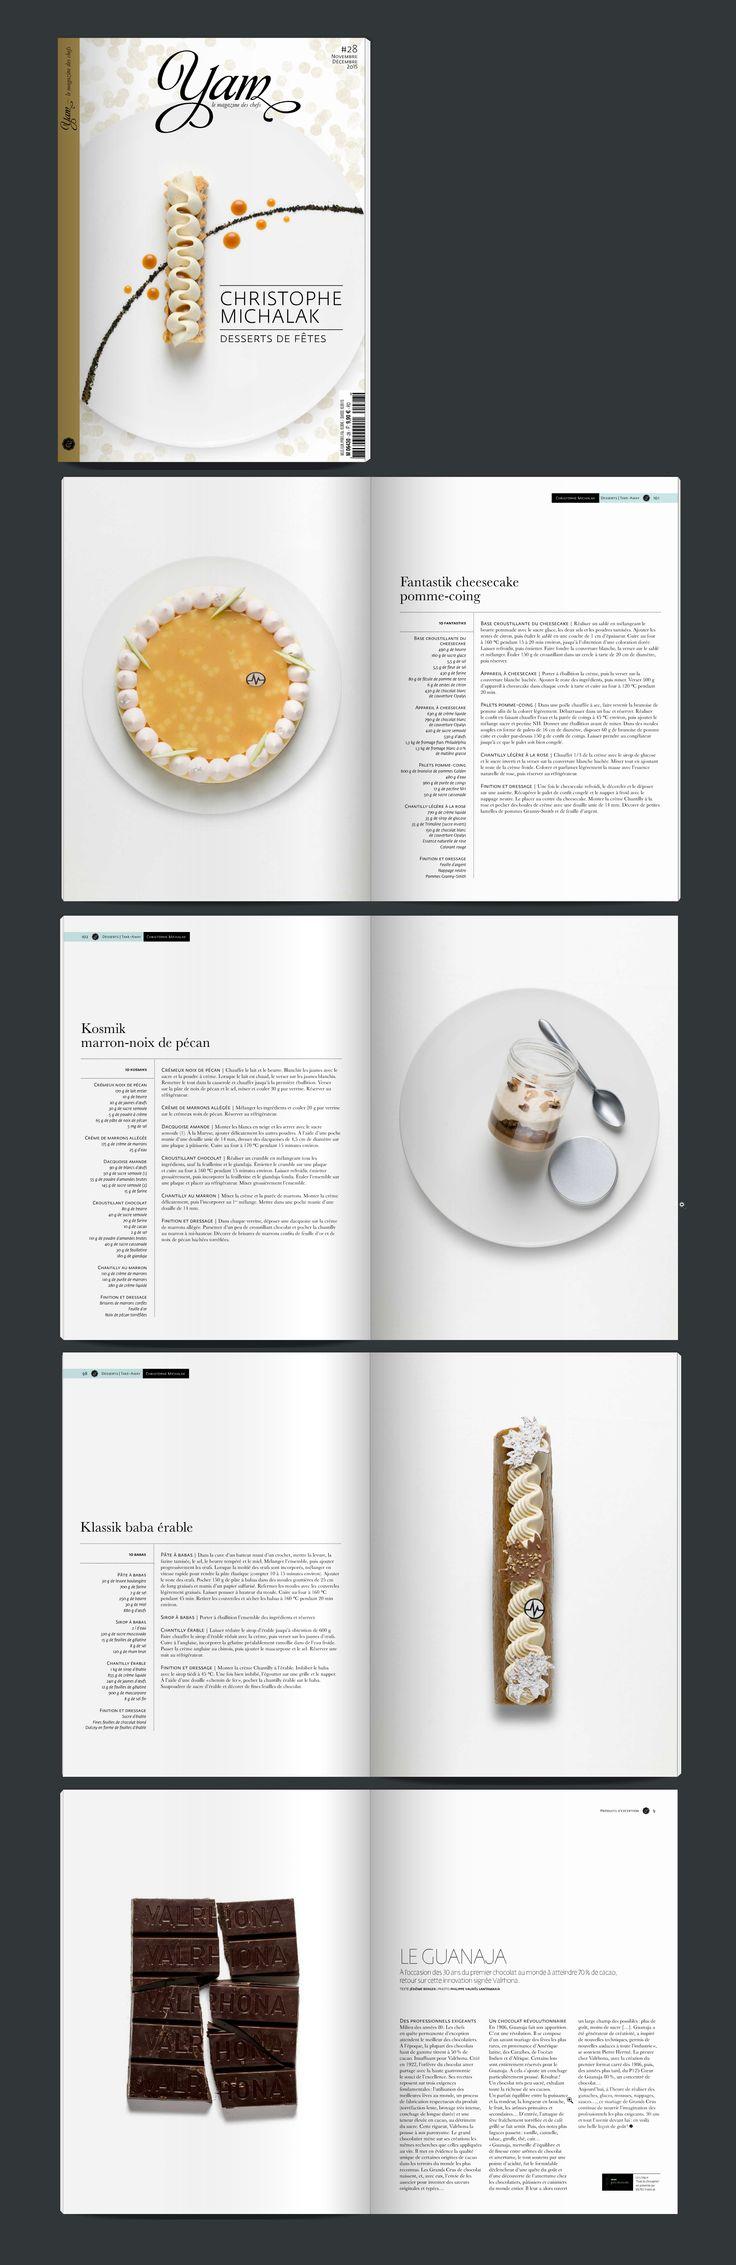 Yam, le magazine des chefs